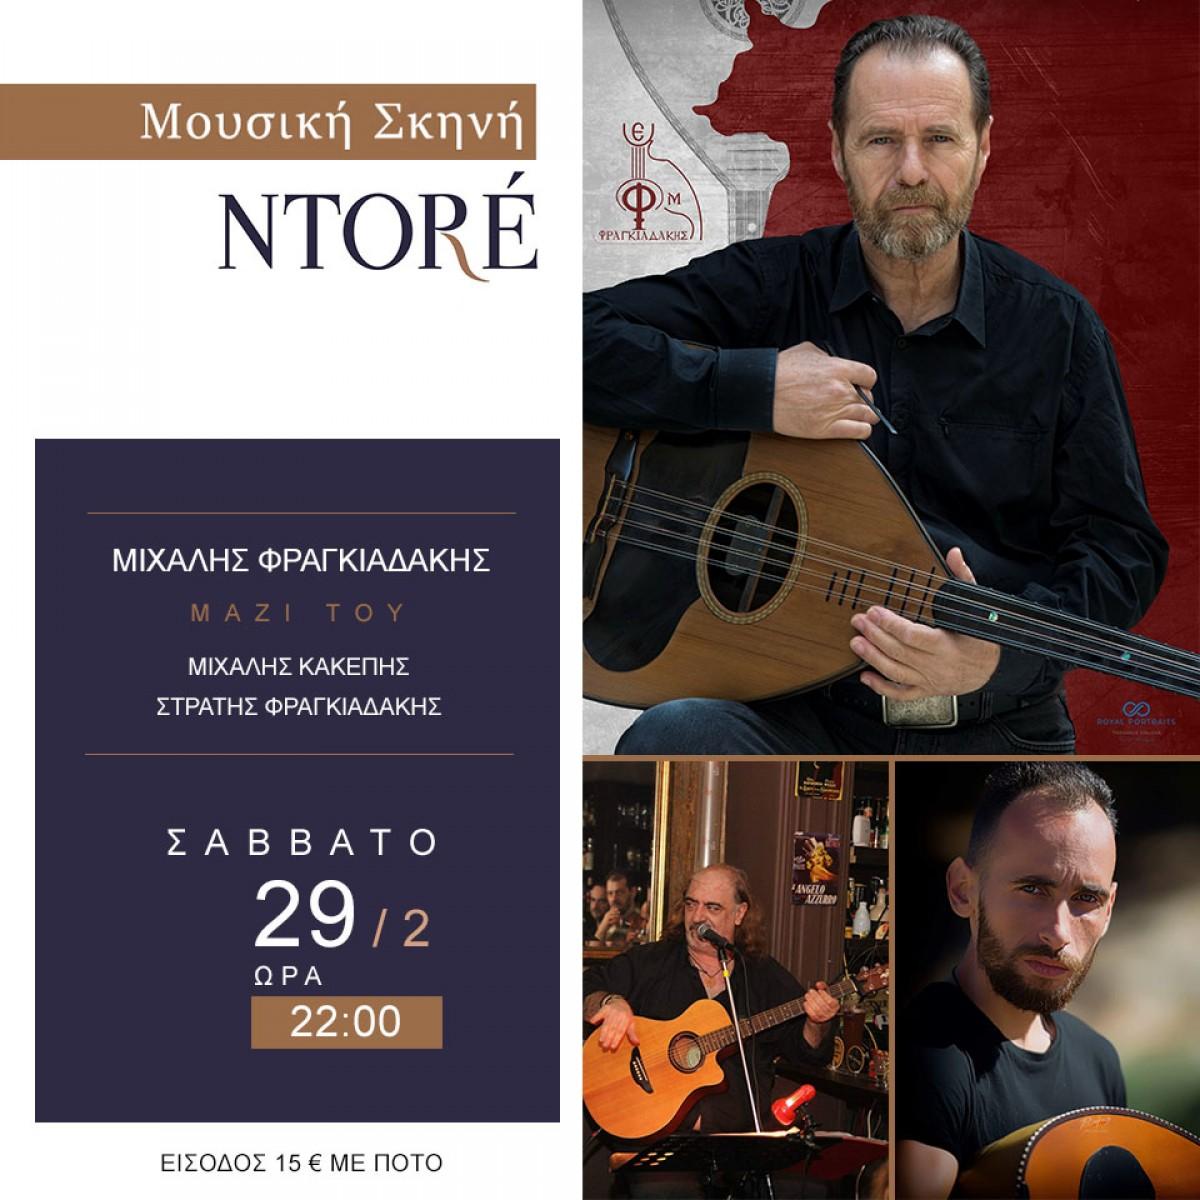 O Μ. Φραγκιαδάκης, το Σάββατο 29/2 στις 22:00 μ.μ., στη Μουσική Σκηνή Ntore